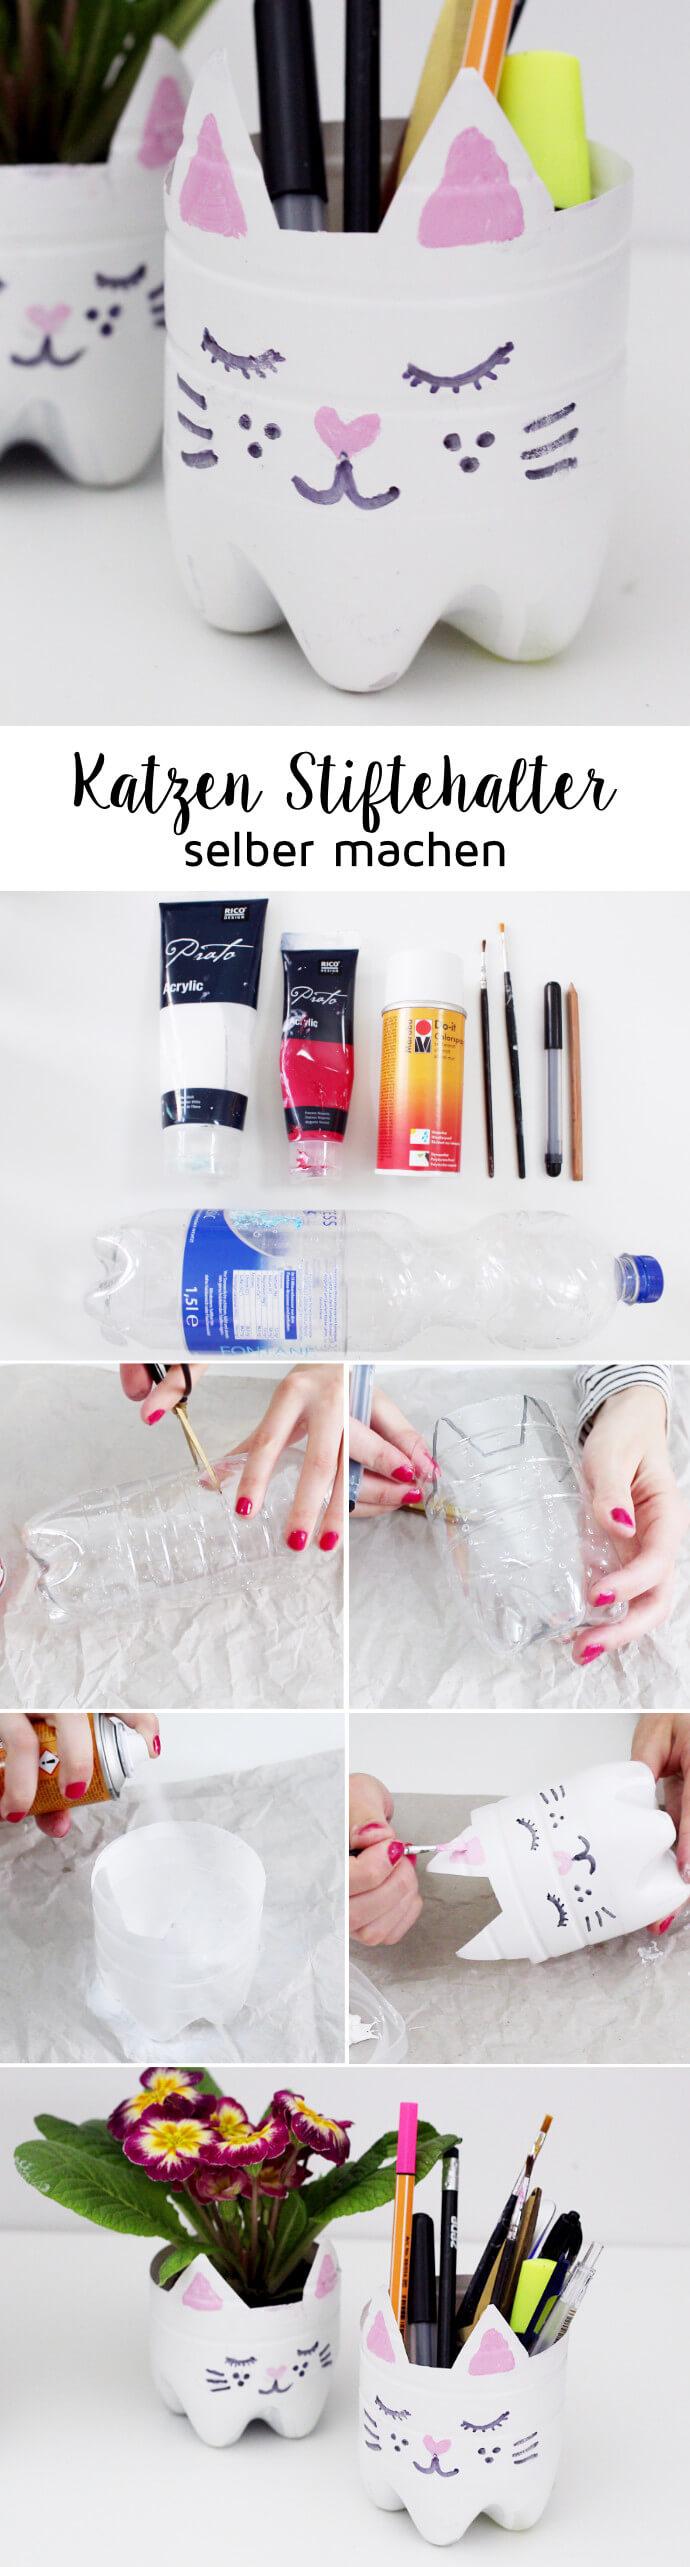 diy upcycling blumen topf aus flasche mit katzenmotiv selber machen. Black Bedroom Furniture Sets. Home Design Ideas